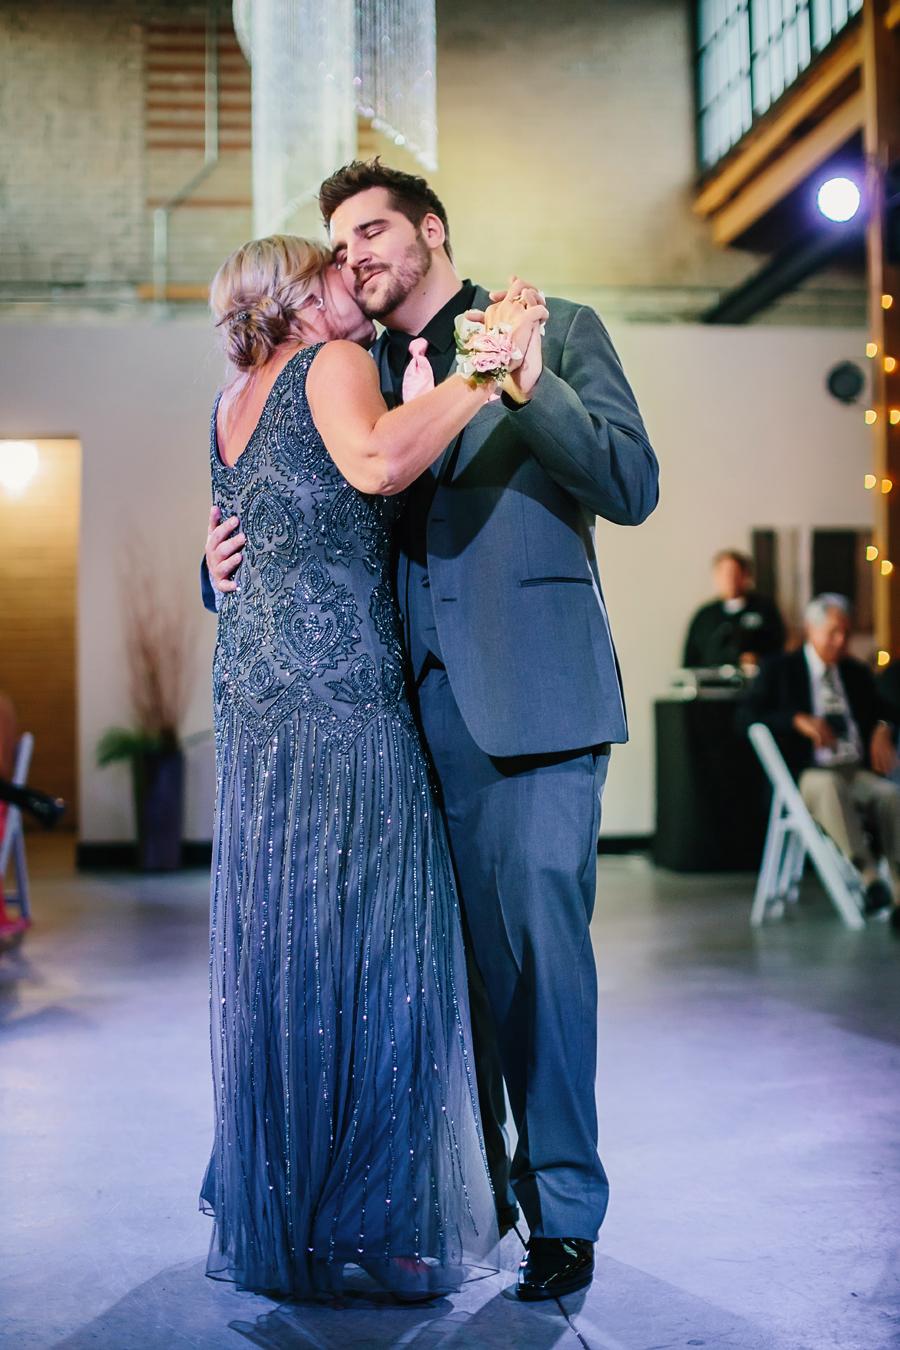 D2D Grand Rapids Wedding124.jpg